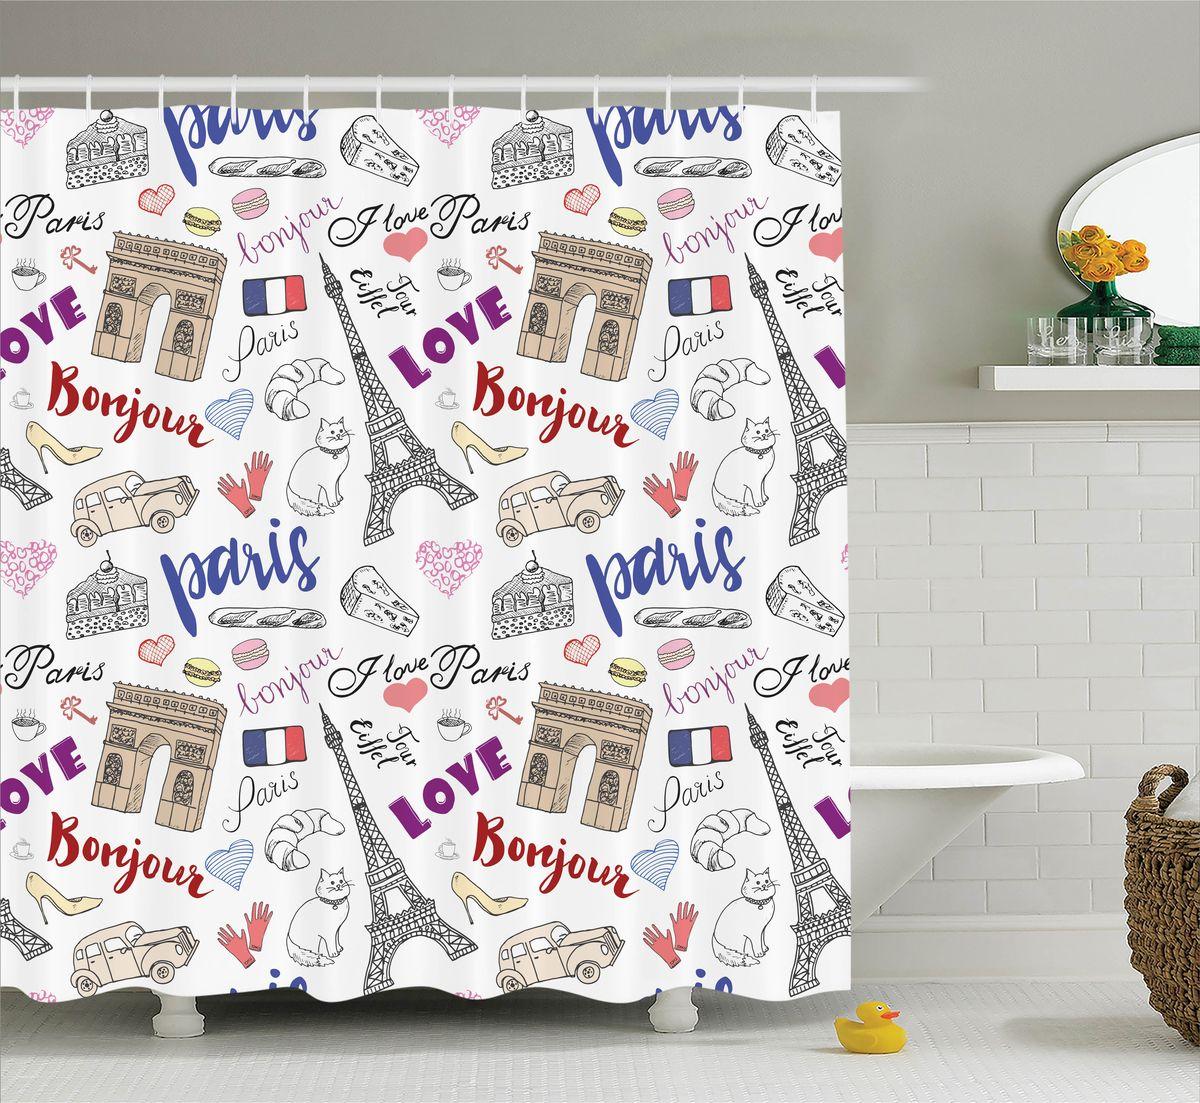 Штора для ванной комнаты Magic Lady Bonjour, Paris!, 180 х 200 смшв_11344Штора Magic Lady Bonjour, Paris!, изготовленная из высококачественного сатена (полиэстер 100%), отлично дополнит любой интерьер ванной комнаты. При изготовлении используются специальные гипоаллергенные чернила для прямой печати по ткани, безопасные для человека.В комплекте: 1 штора, 12 крючков. Обращаем ваше внимание, фактический цвет изделия может незначительно отличаться от представленного на фото.